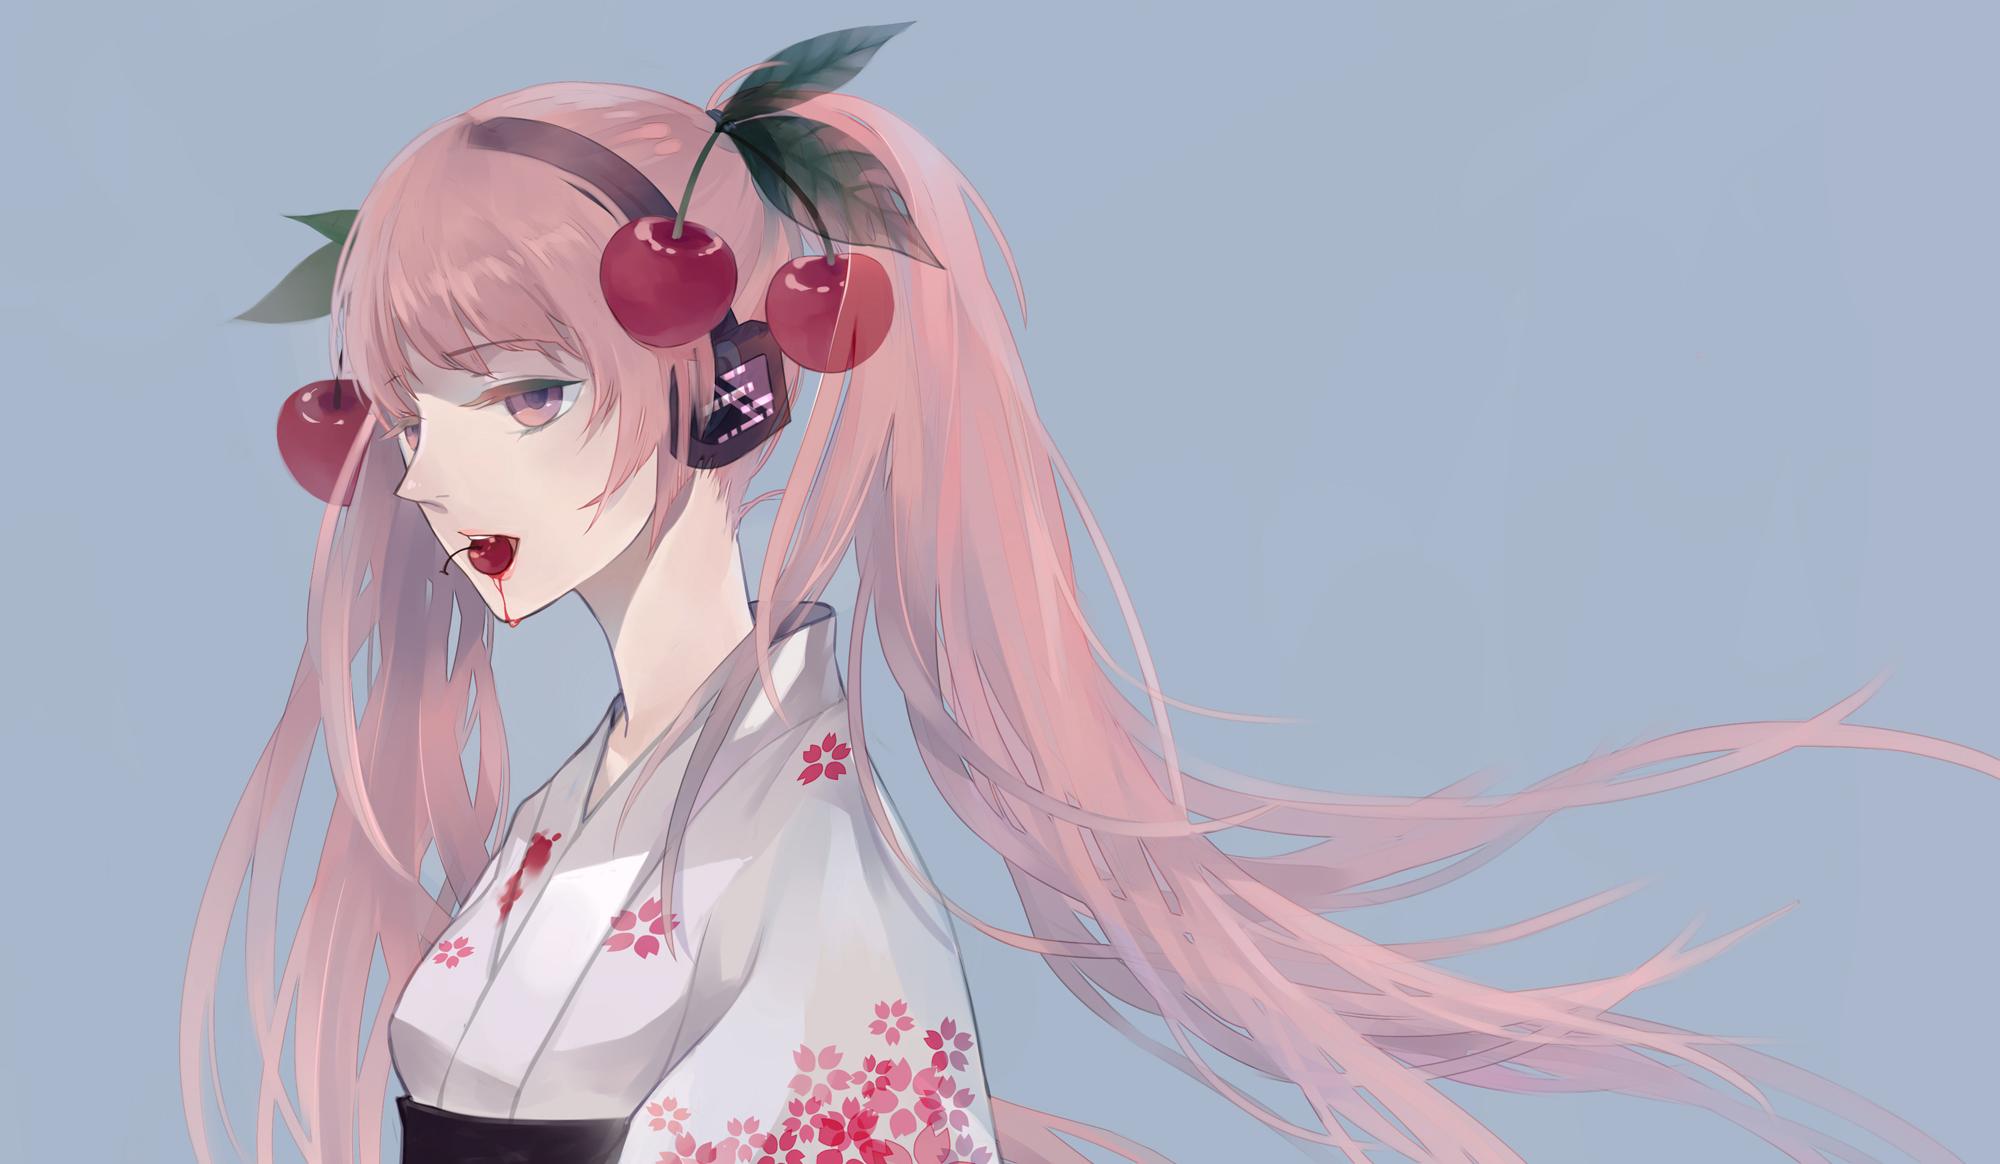 桜ミク by Taku (たく)